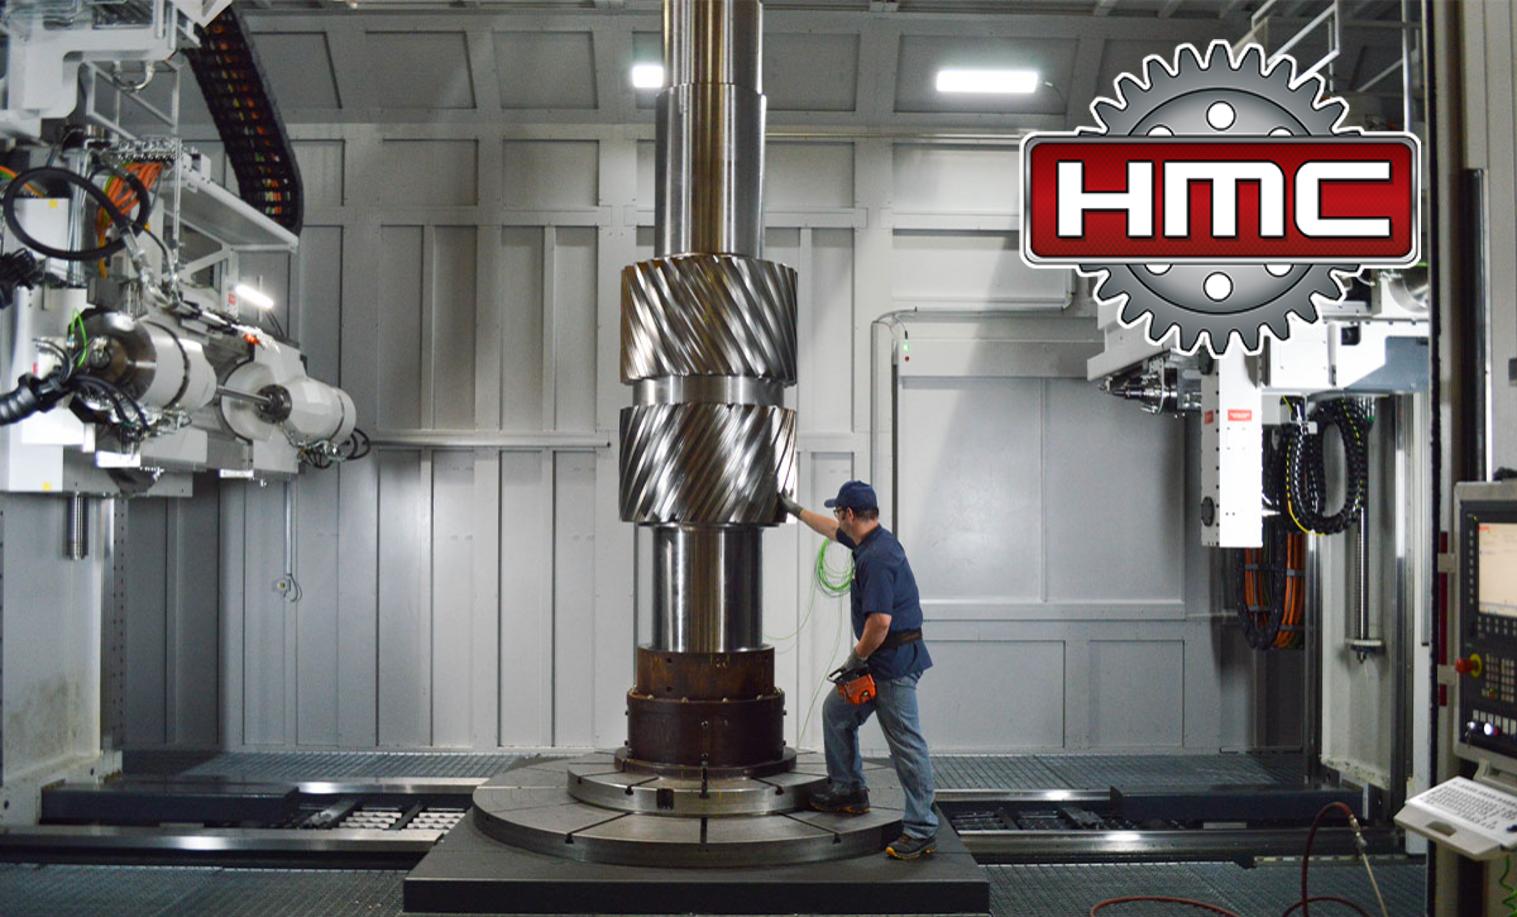 hmc product.png